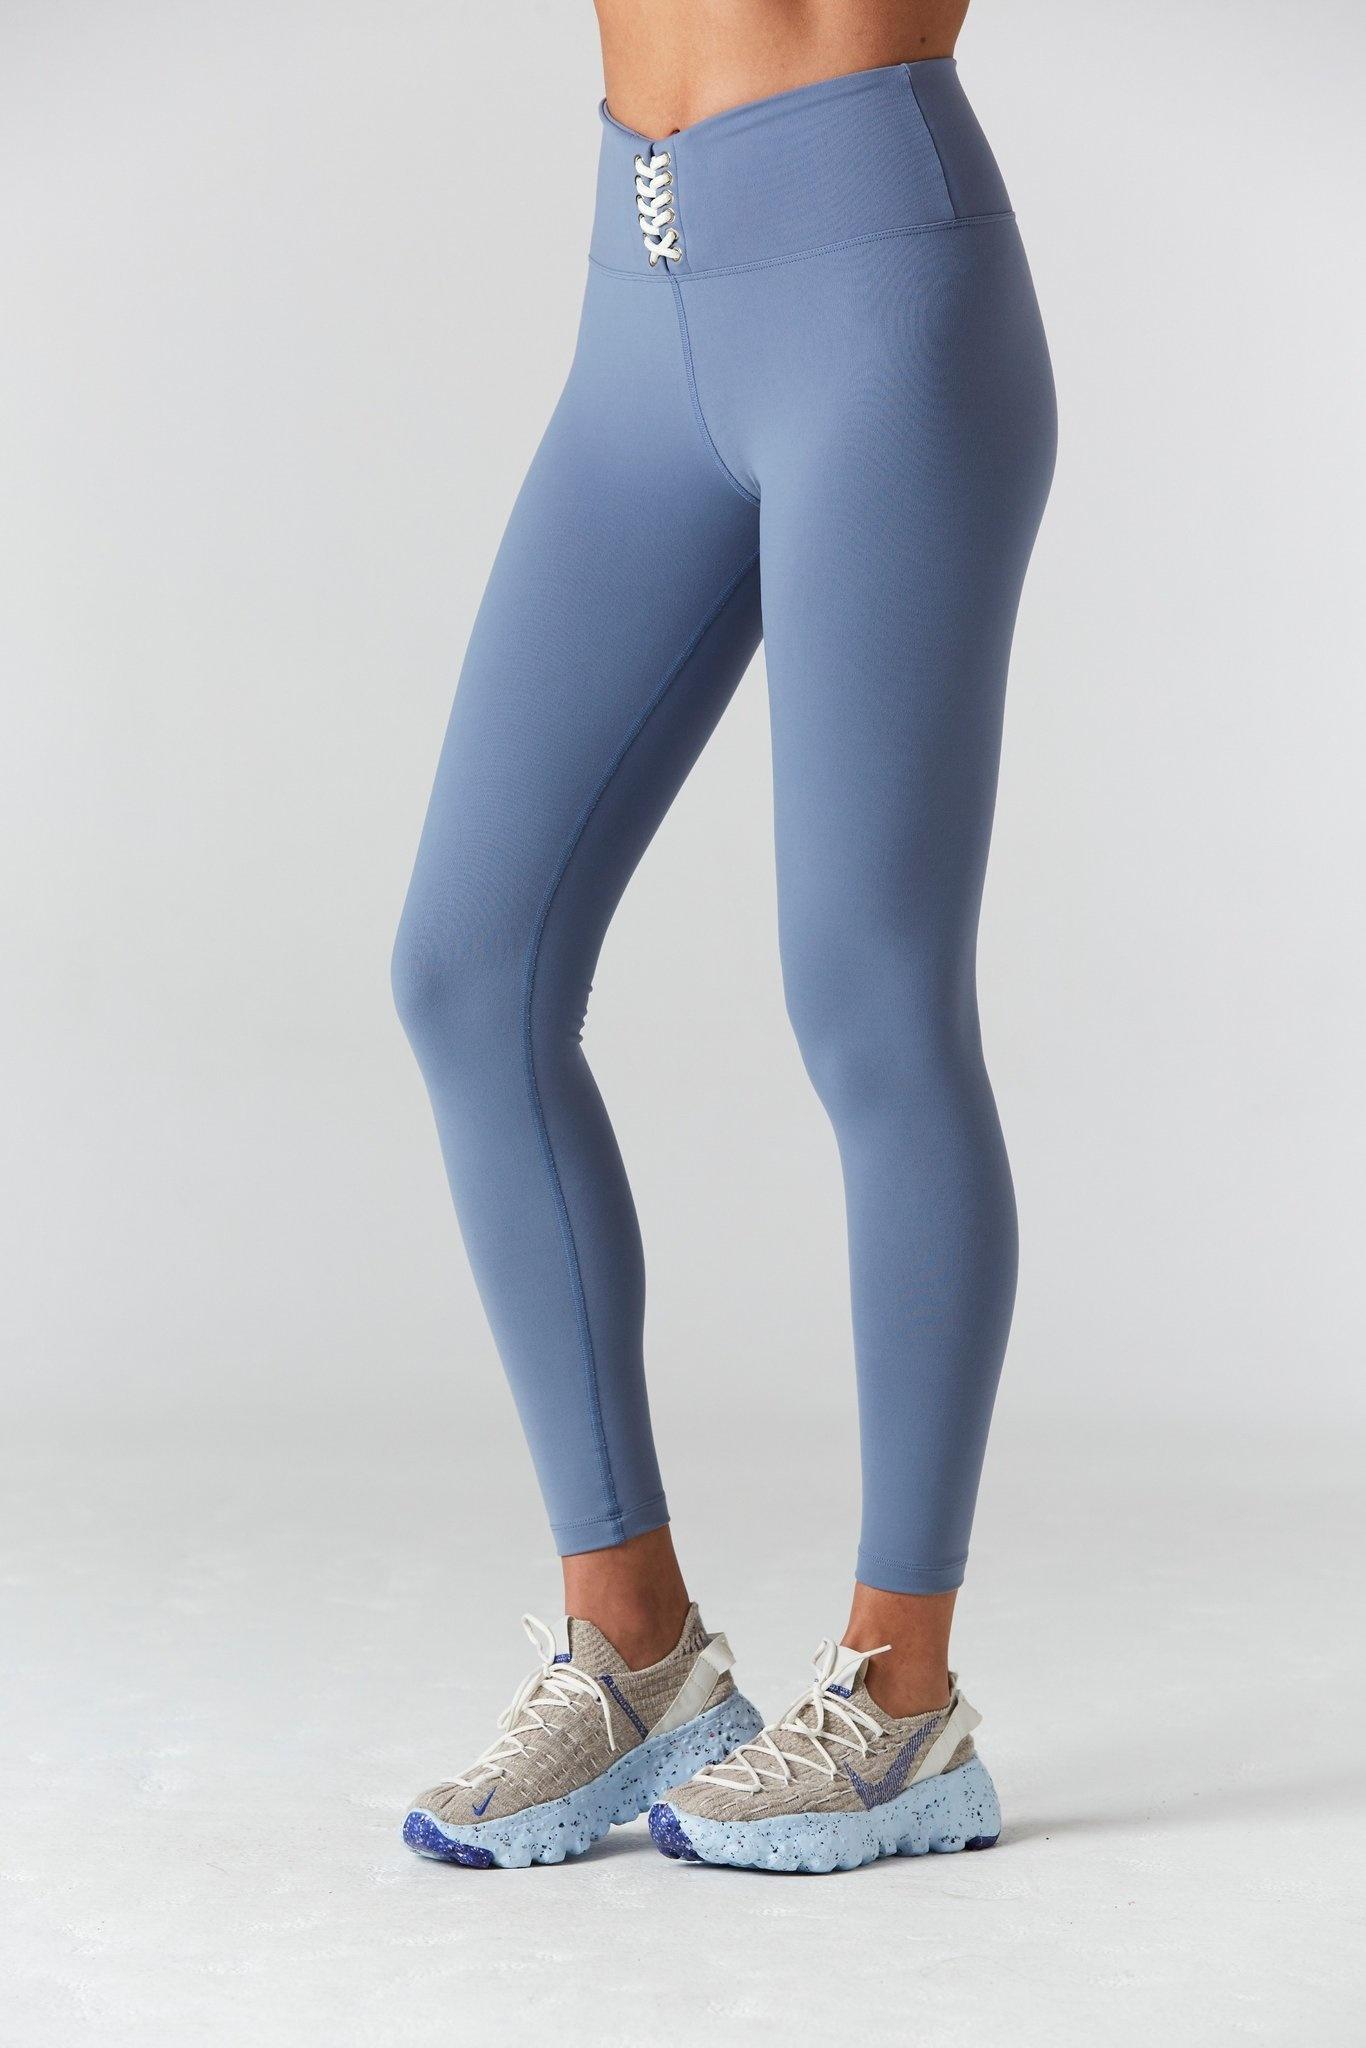 9.2.5 4 Eva Denim Legging